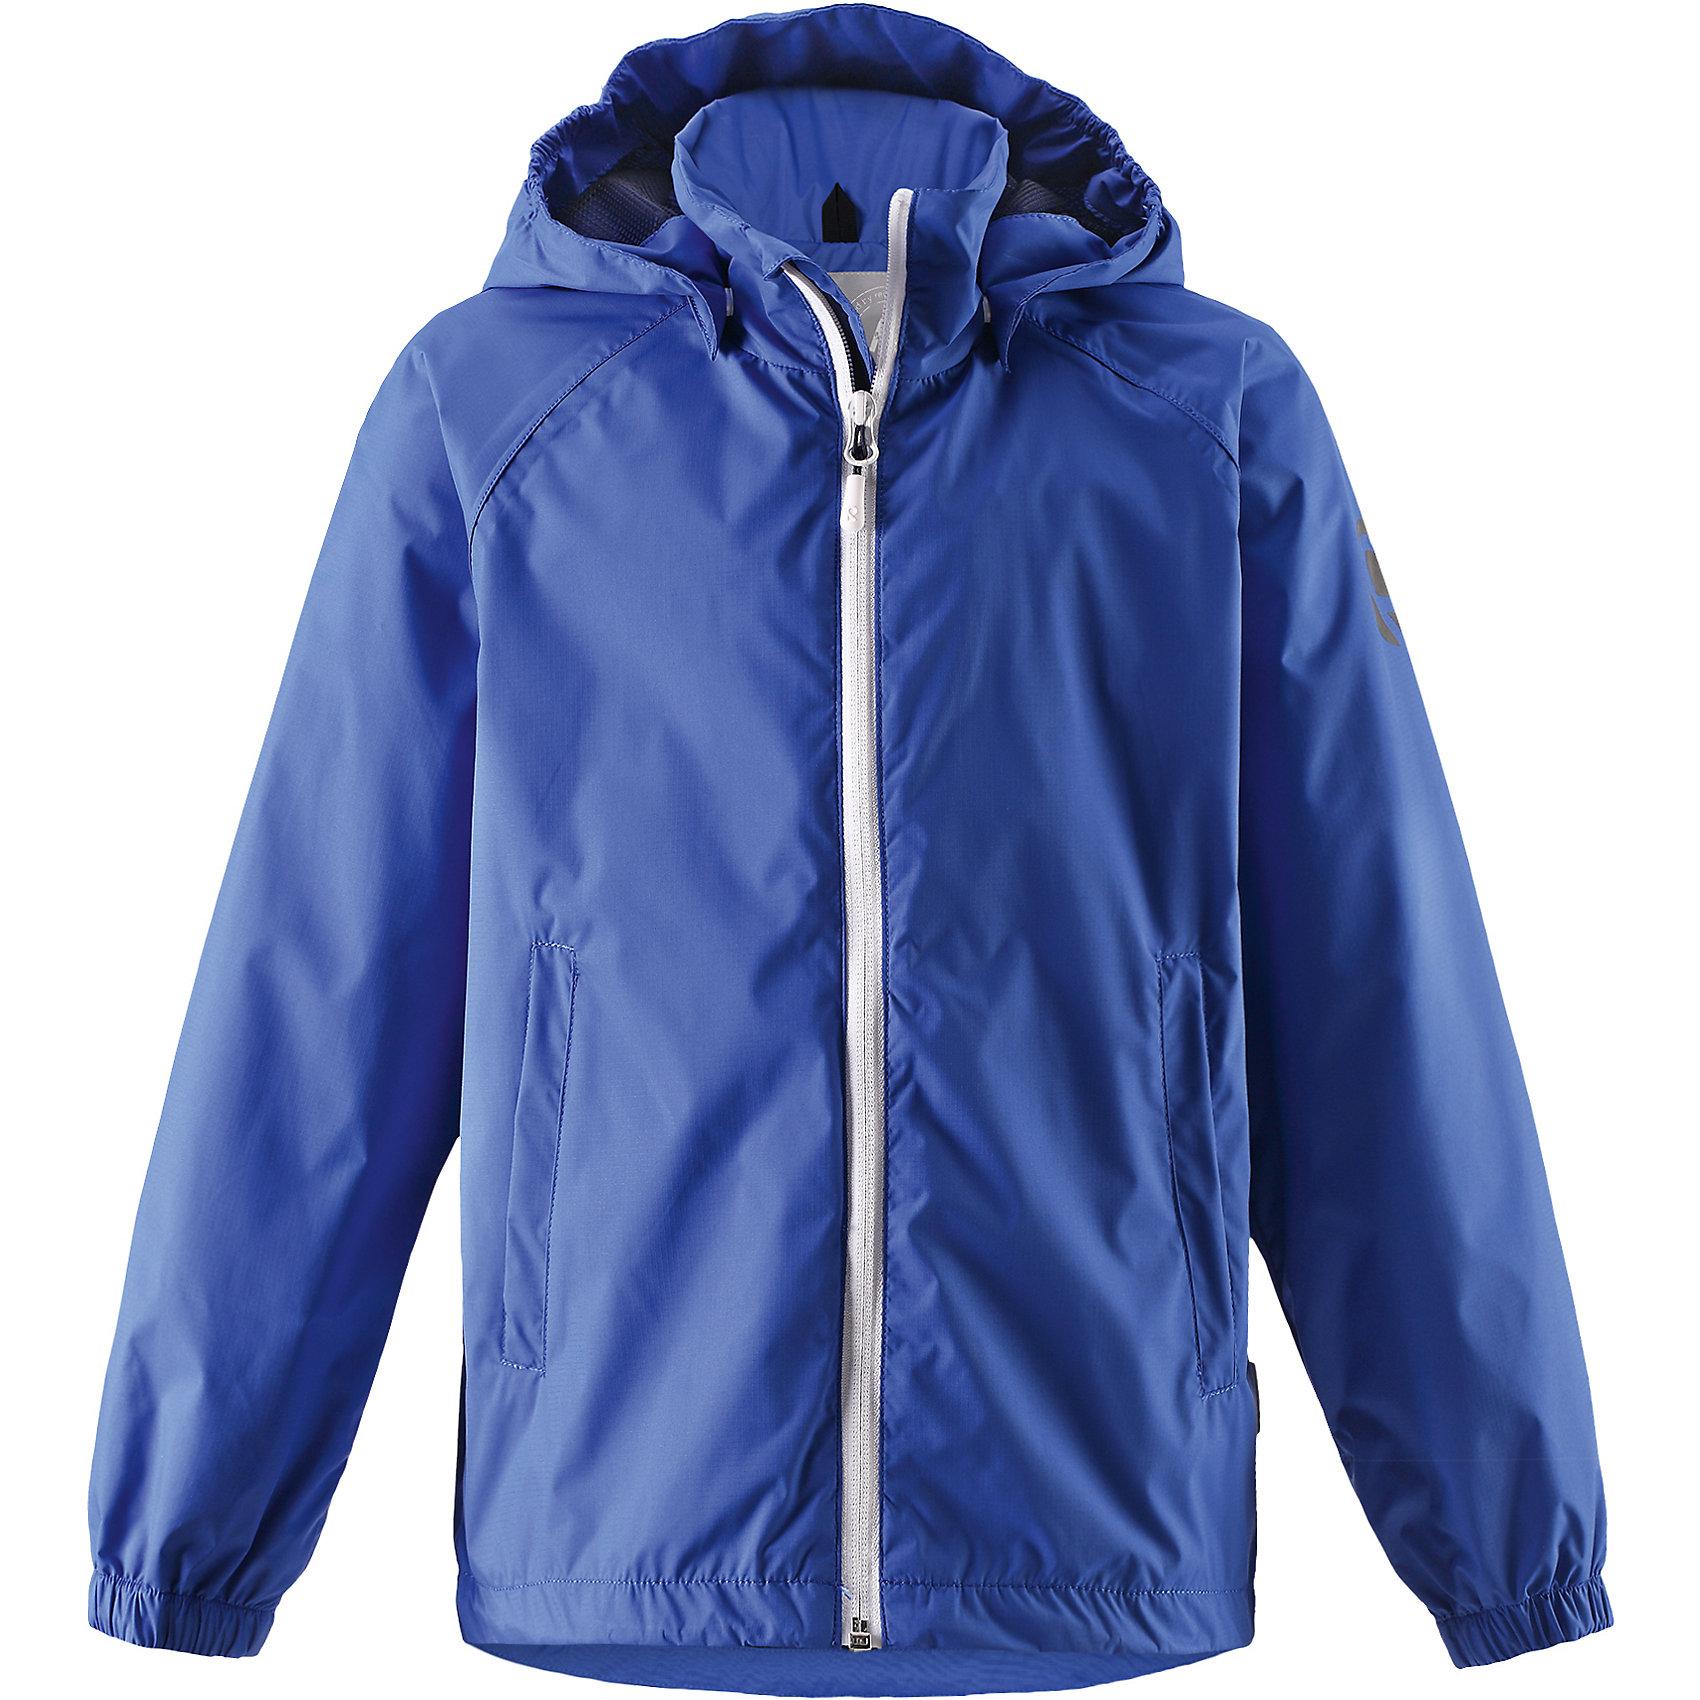 Куртка Roder для мальчика Reimatec® ReimaОдежда<br>Характеристики товара:<br><br>• цвет: синий<br>• состав: 100% полиэстер, полиуретановое покрытие<br>• температурный режим: от +10°до -20°С<br>• без утеплителя<br>• водонепроницаемость 5000 мм<br>• ветронепроницаемость 5000<br>• сопротивление трению: 3000 циклов (тест Мартиндейла).<br>• швы проклеены и водонепроницаемы<br>• водо- и ветронепроницаемый «дышащий» материал<br>• подкладка: mesh-сетка<br>• безопасный съёмный капюшон<br>• регулируемый подол<br>• эластичные манжеты<br>• усовершенствованная молния - больше не застрянет!<br>• возможность сложить куртку в ее собственный карман<br>• два прорезных кармана<br>• комфортная посадка<br>• страна производства: Китай<br>• страна бренда: Финляндия<br>• коллекция: весна-лето 2017<br><br>Верхняя одежда для детей может быть модной и комфортной одновременно! Демисезонная куртка поможет обеспечить ребенку комфорт и тепло. Она отлично смотрится с различной одеждой и обувью. Изделие удобно сидит и модно выглядит. Материал - прочный, хорошо подходящий для межсезонья, водо- и ветронепроницаемый, «дышащий». Стильный дизайн разрабатывался специально для детей.<br><br>Одежда и обувь от финского бренда Reima пользуется популярностью во многих странах. Эти изделия стильные, качественные и удобные. Для производства продукции используются только безопасные, проверенные материалы и фурнитура. Порадуйте ребенка модными и красивыми вещами от Reima! <br><br>Куртку для мальчика Reimatec® от финского бренда Reima (Рейма) можно купить в нашем интернет-магазине.<br><br>Ширина мм: 356<br>Глубина мм: 10<br>Высота мм: 245<br>Вес г: 519<br>Цвет: синий<br>Возраст от месяцев: 84<br>Возраст до месяцев: 96<br>Пол: Мужской<br>Возраст: Детский<br>Размер: 134,140,146,152,158,164,104,110,116,122,128<br>SKU: 5267573